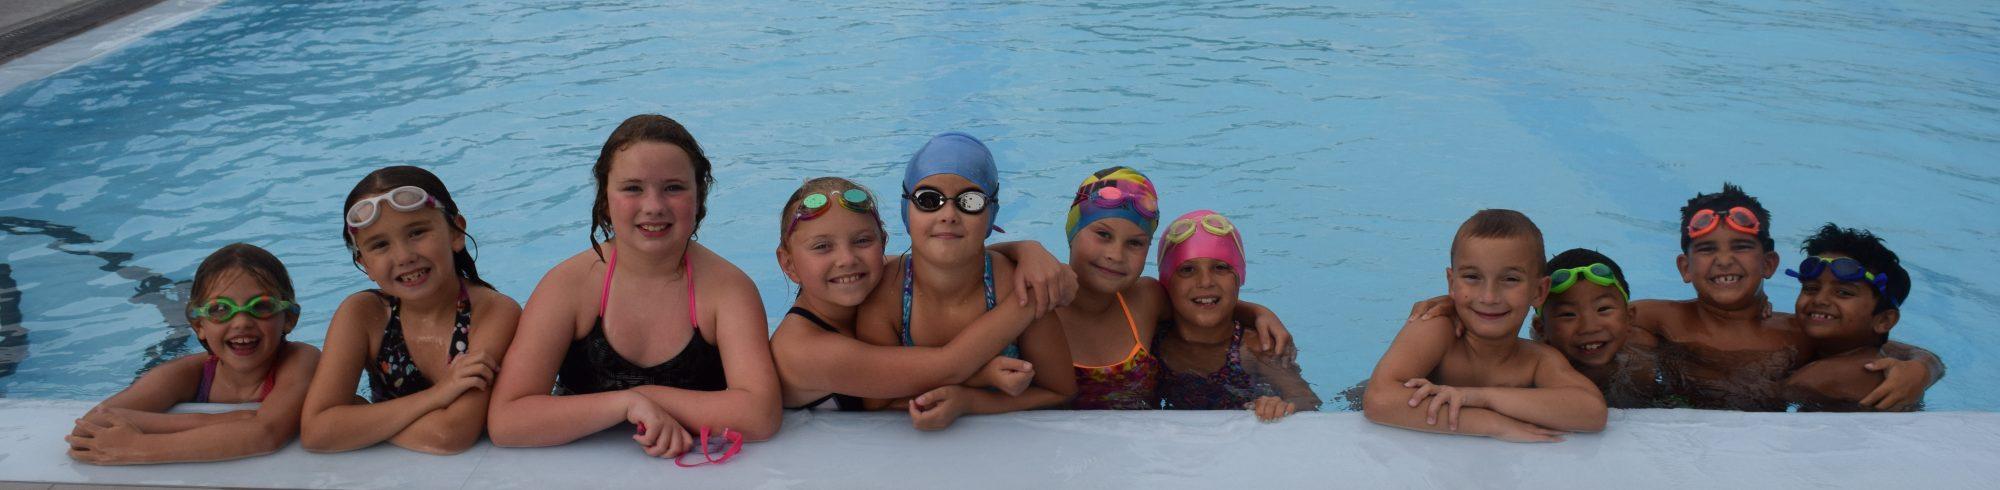 Swim Team Images